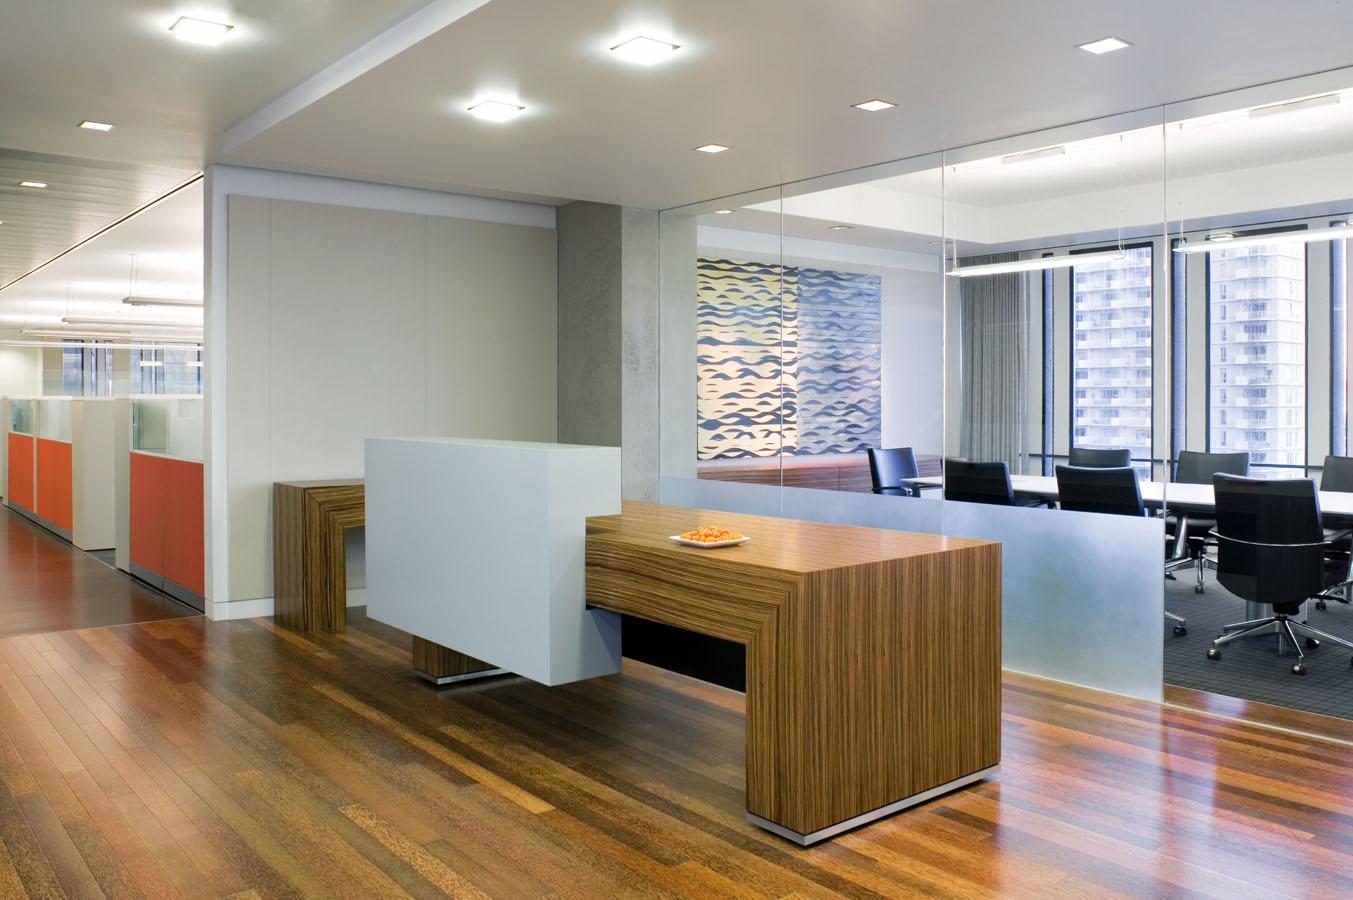 modtage-design-interior-san-francisco_equity-office_005-alt2.jpg